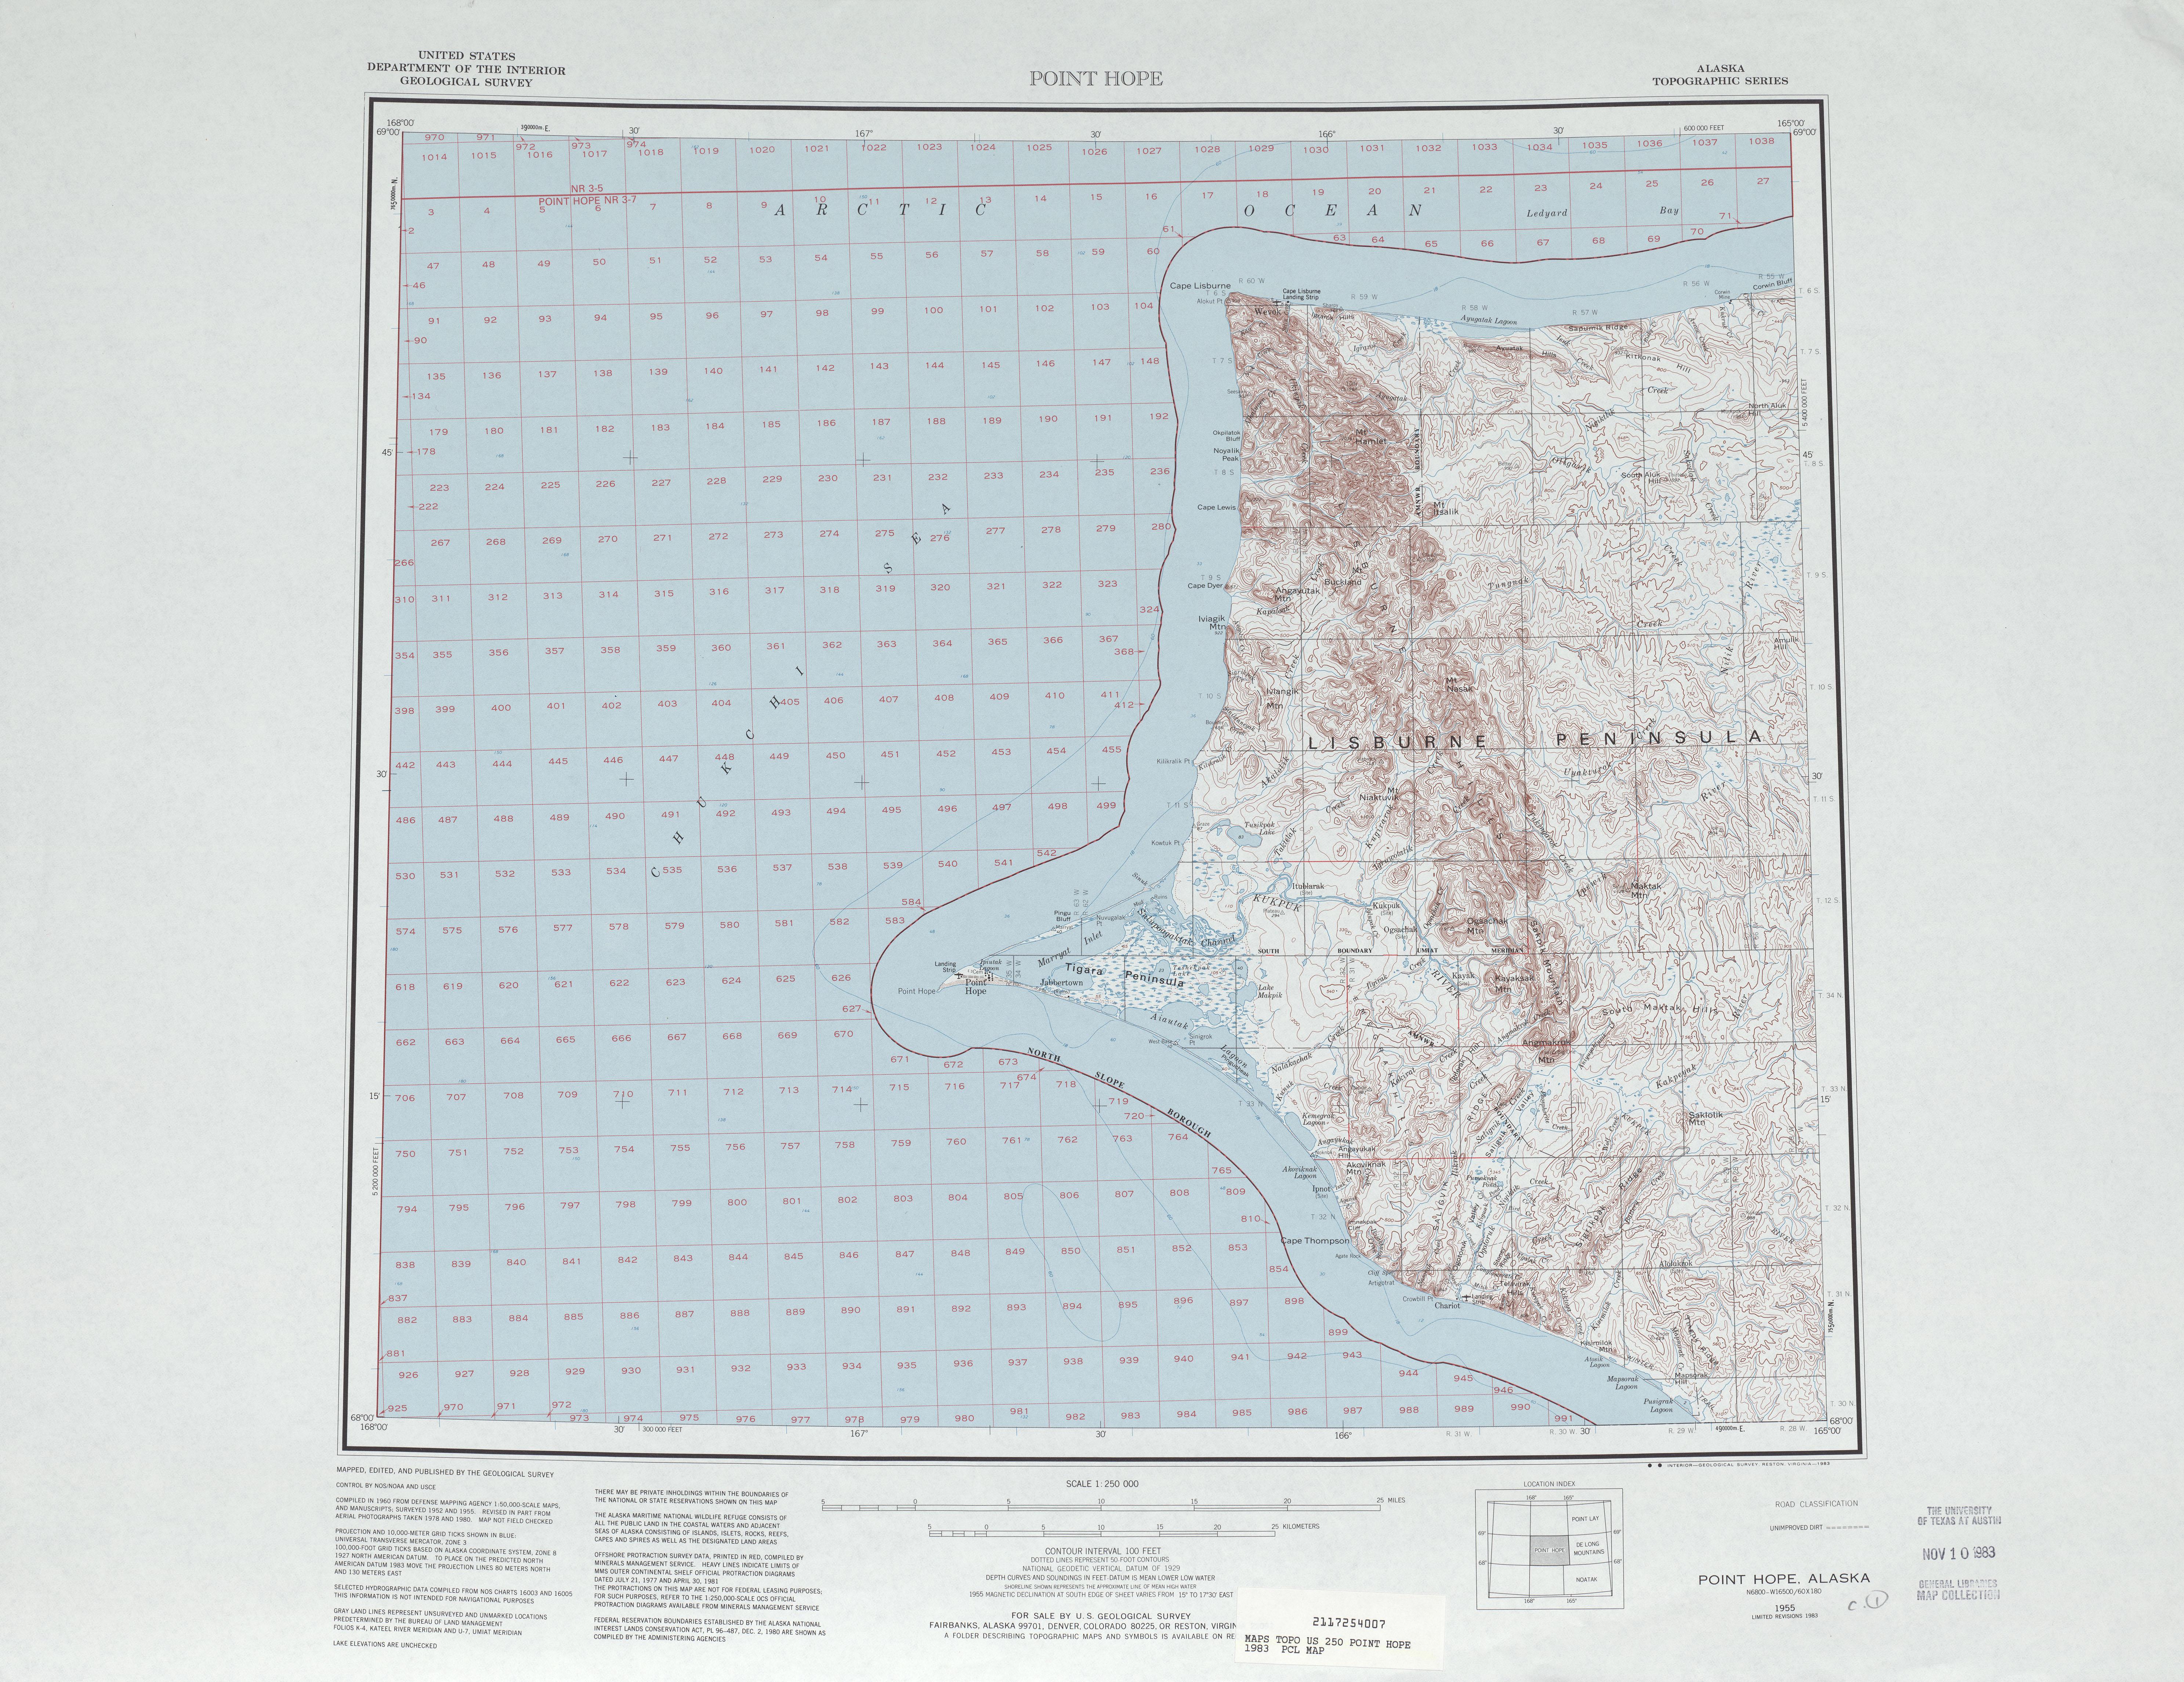 Hoja Point Hope del Mapa Topográfico de los Estados Unidos 1983